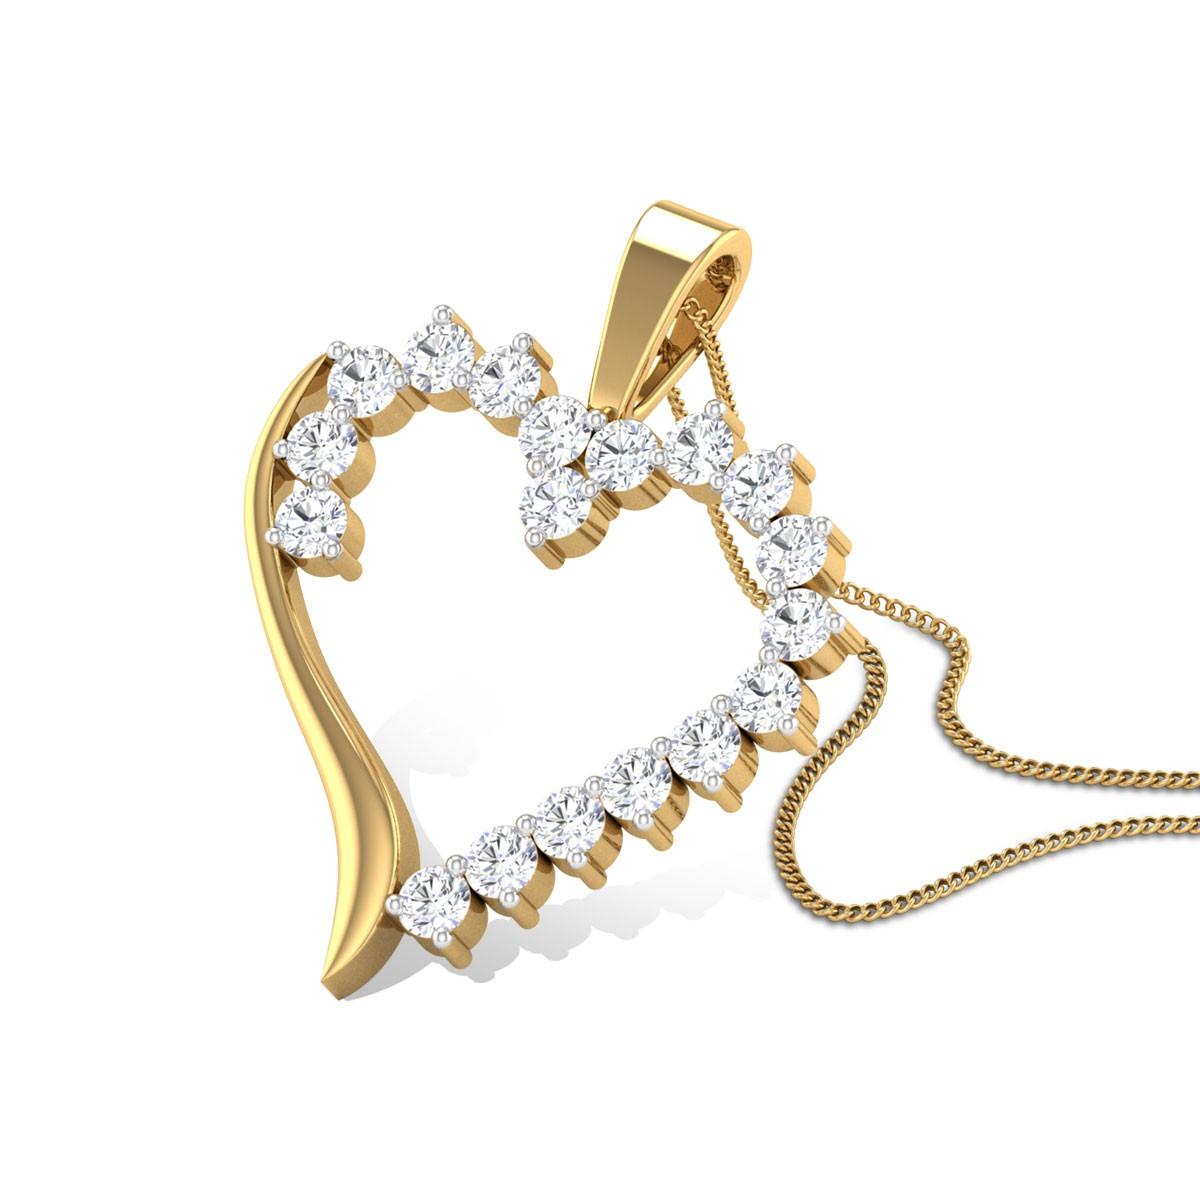 Calliope Diamond Pendant